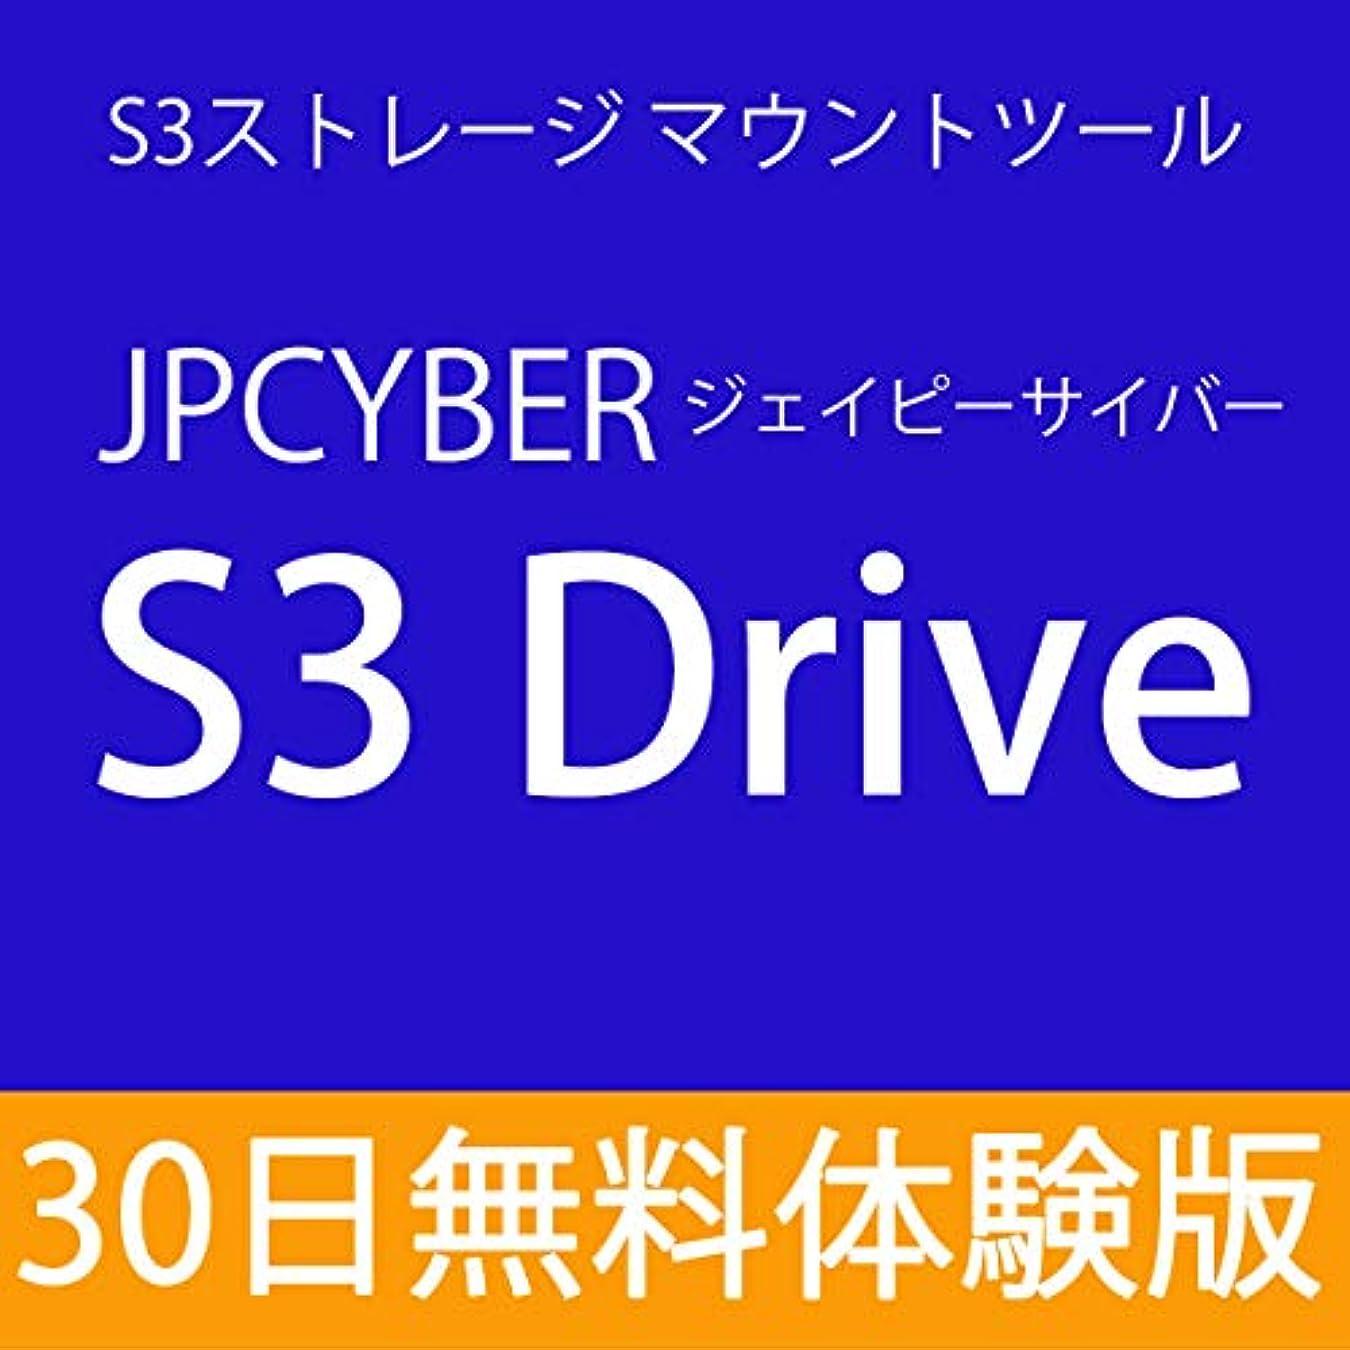 捕虜誘導ダンスS3ストレージ マウントツール 「JPCYBER S3 Drive Server版」(30日無料体験版) ダウンロード版